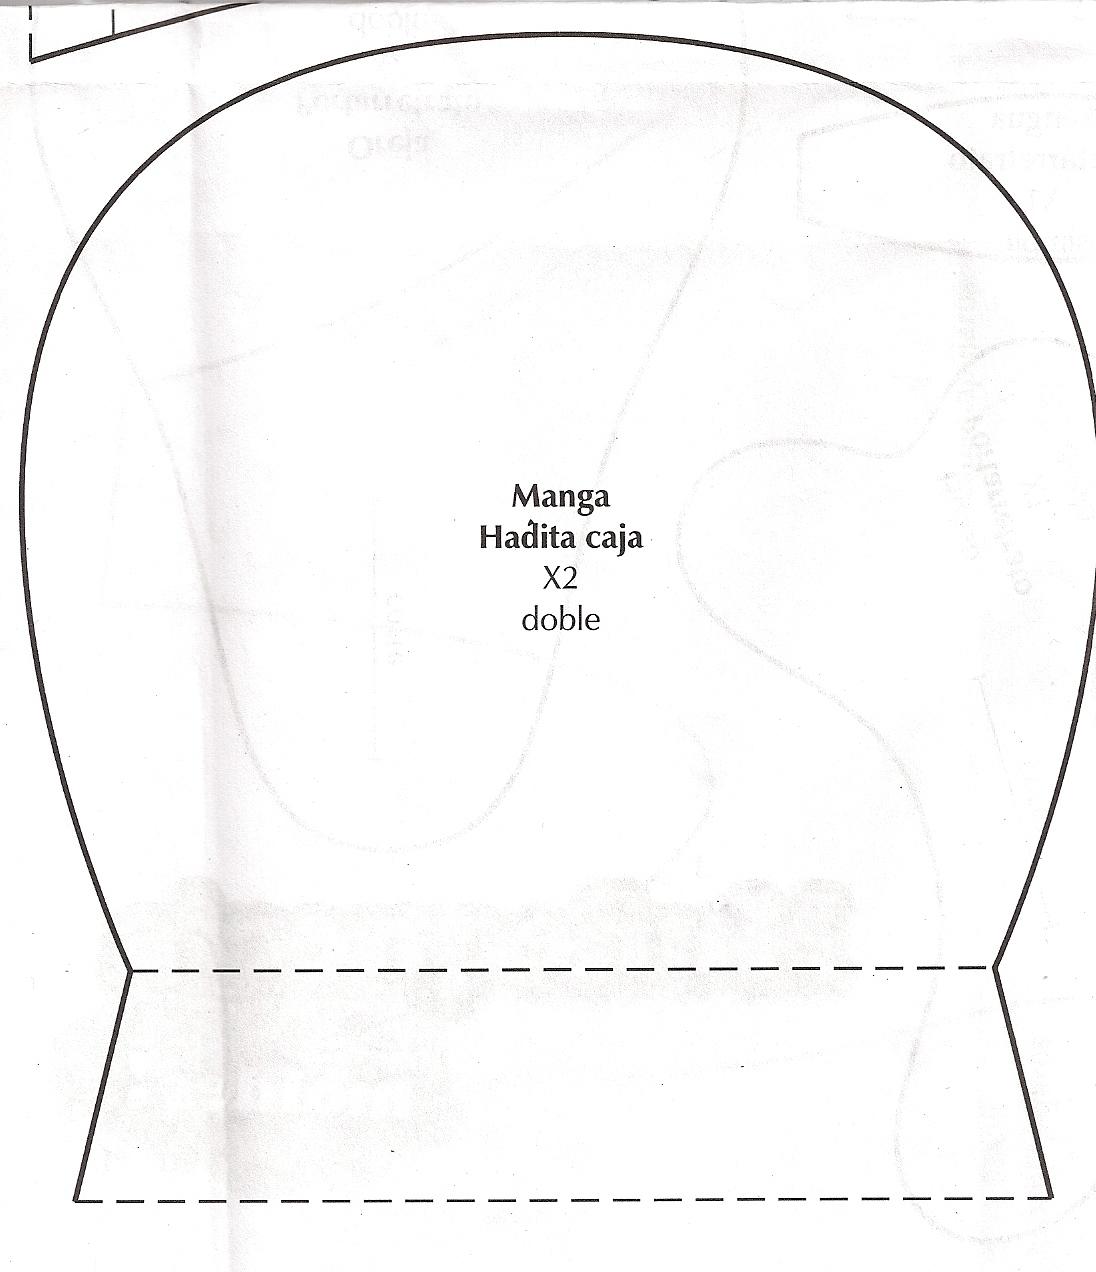 LAS MANUALIDADES DE CLAUDIA (TODO SACADO DE LA WEB): 09/23/11